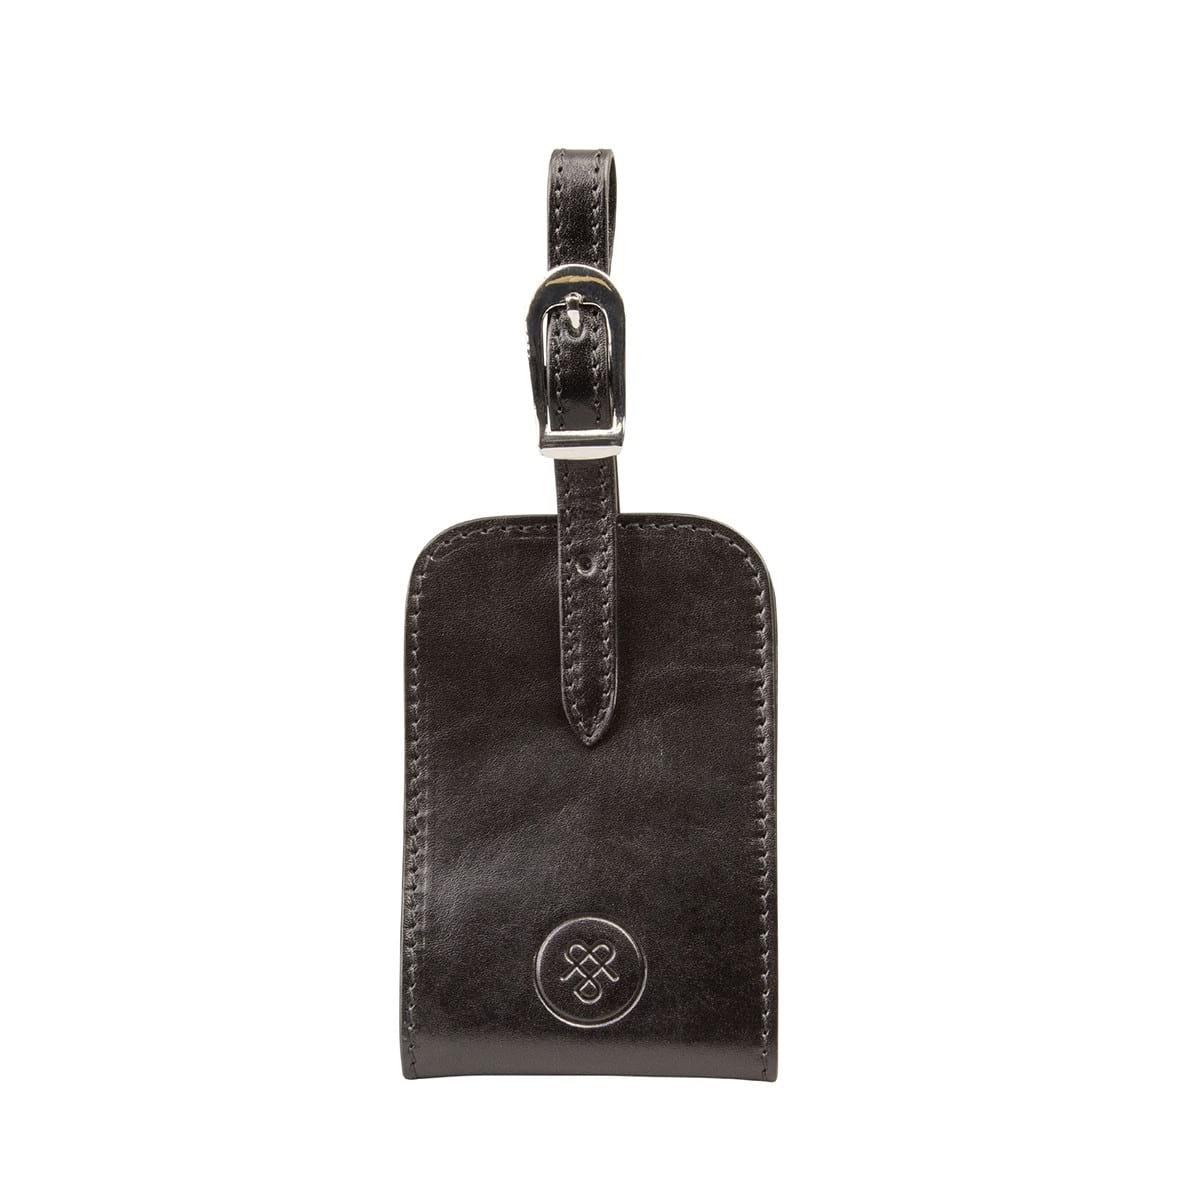 Maxwell-Scott Black ID Luggage Tag (The Ledro)